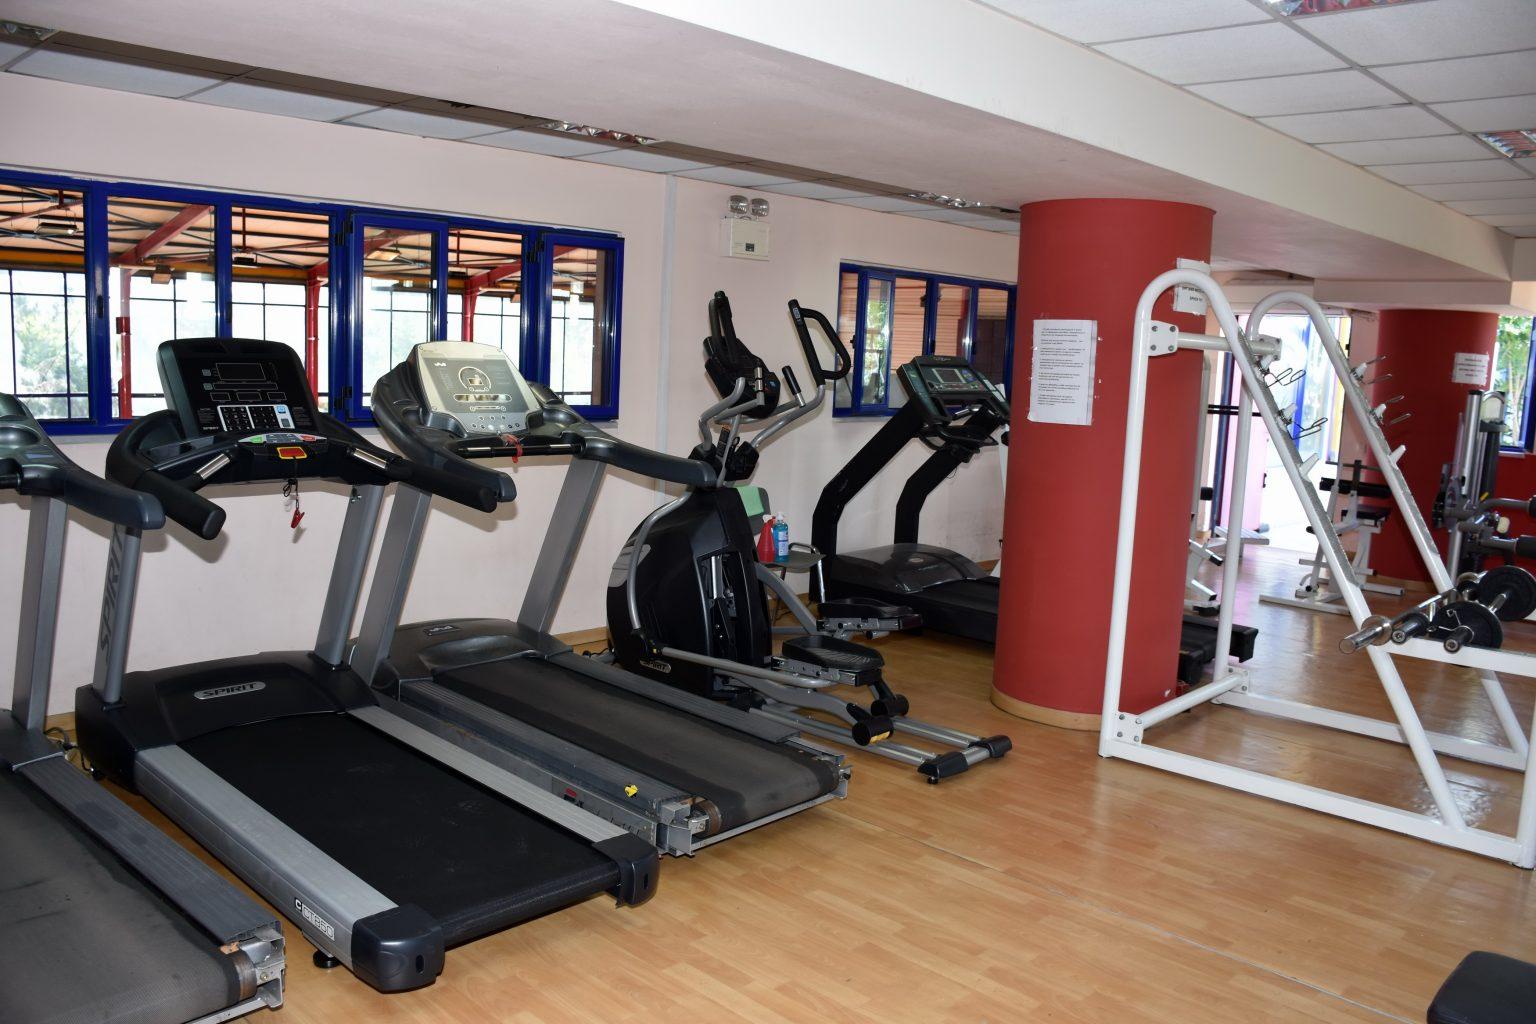 Δελτίο Τύπου του Δήμου Μοσχάτου-Ταύρου για την ανανέωση του εξοπλισμού στο δημοτικό γυμναστήριο